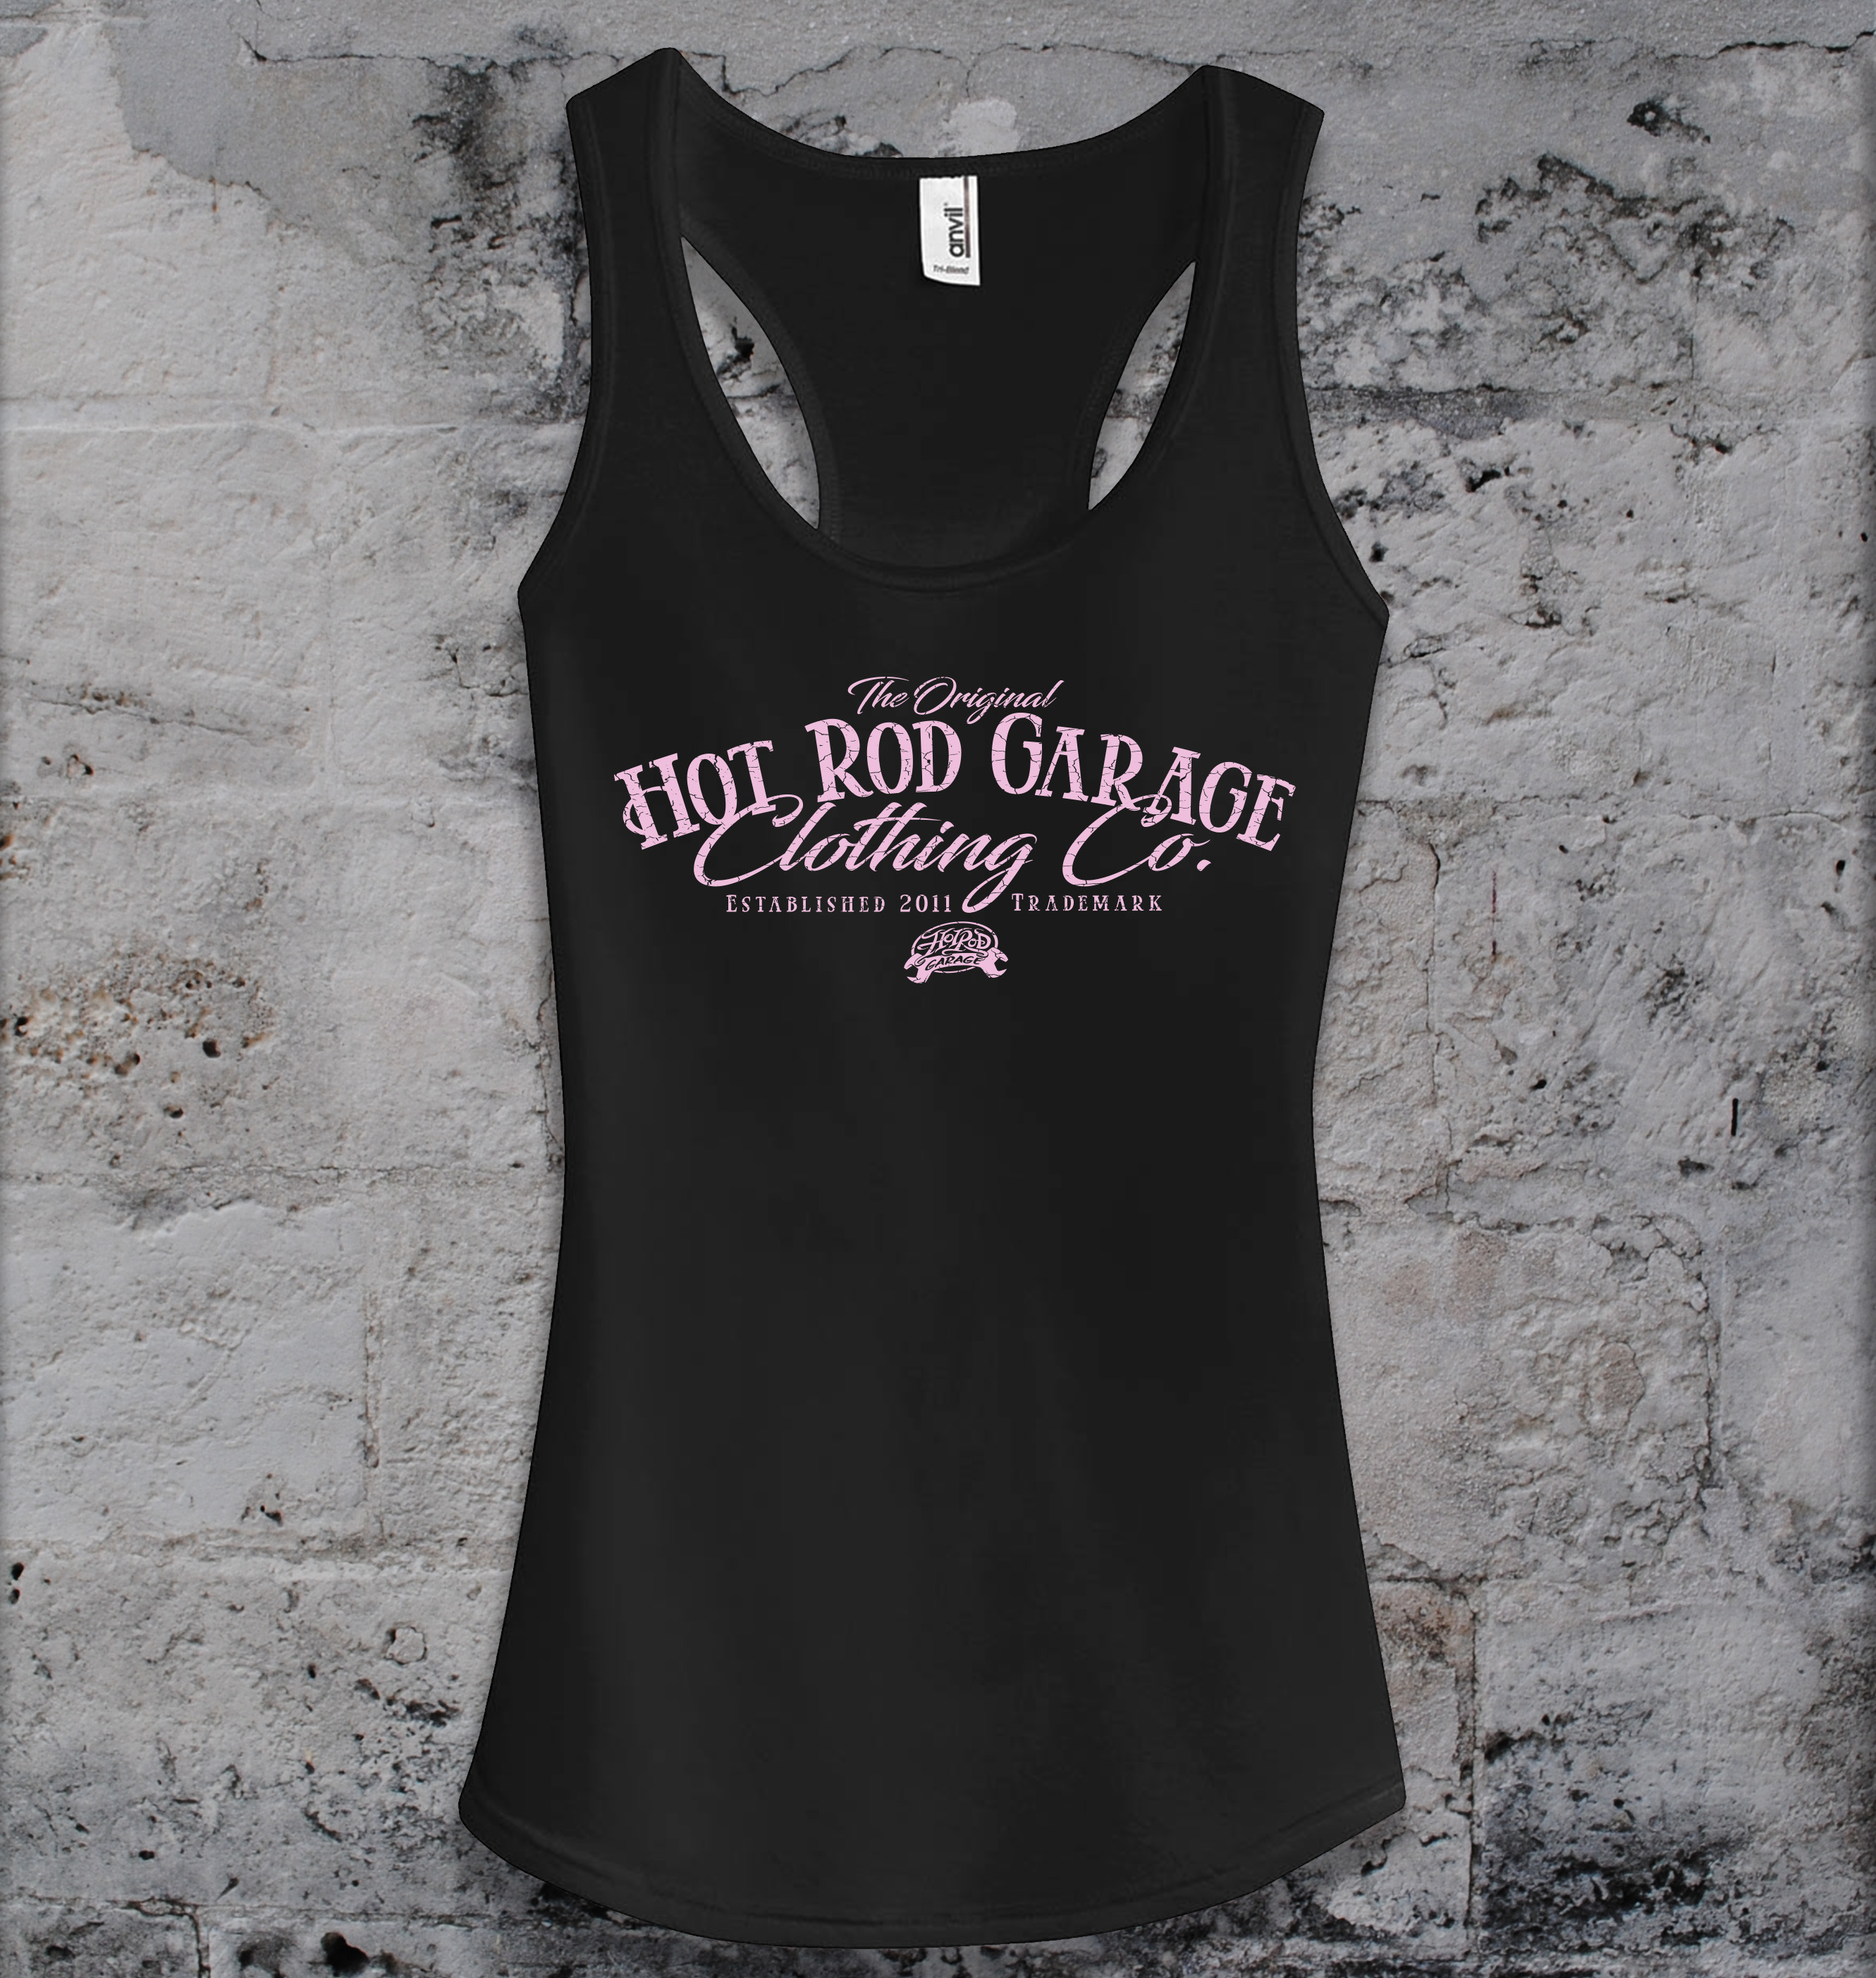 HRG-Vintage Ladies